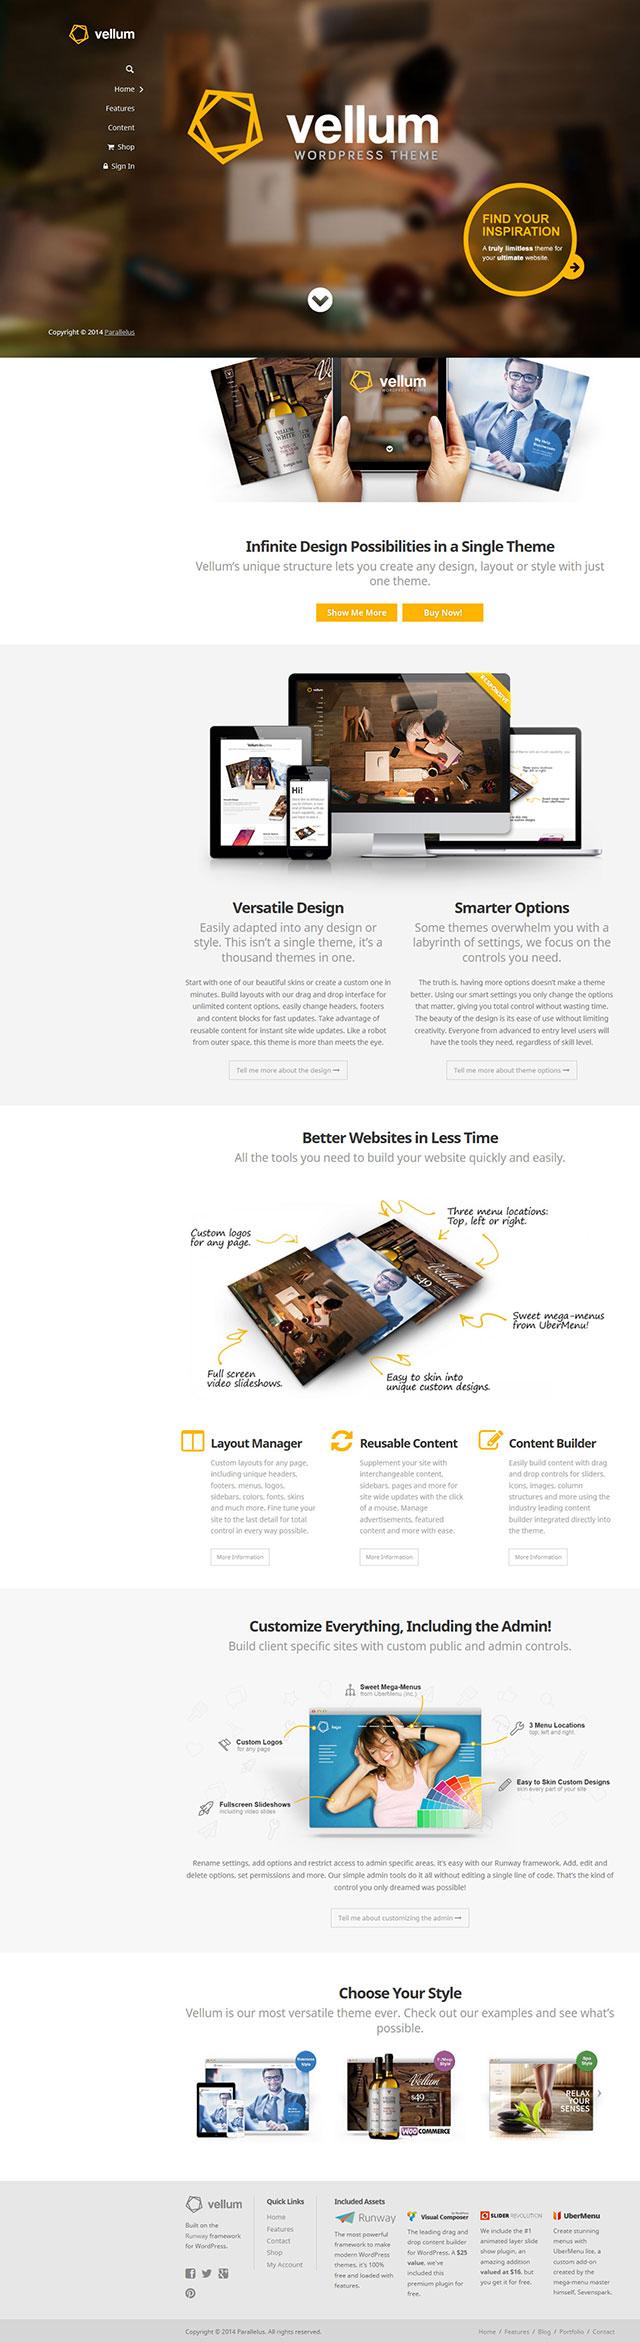 WebDesign bei innotag mit dem Vellum WordPress Theme